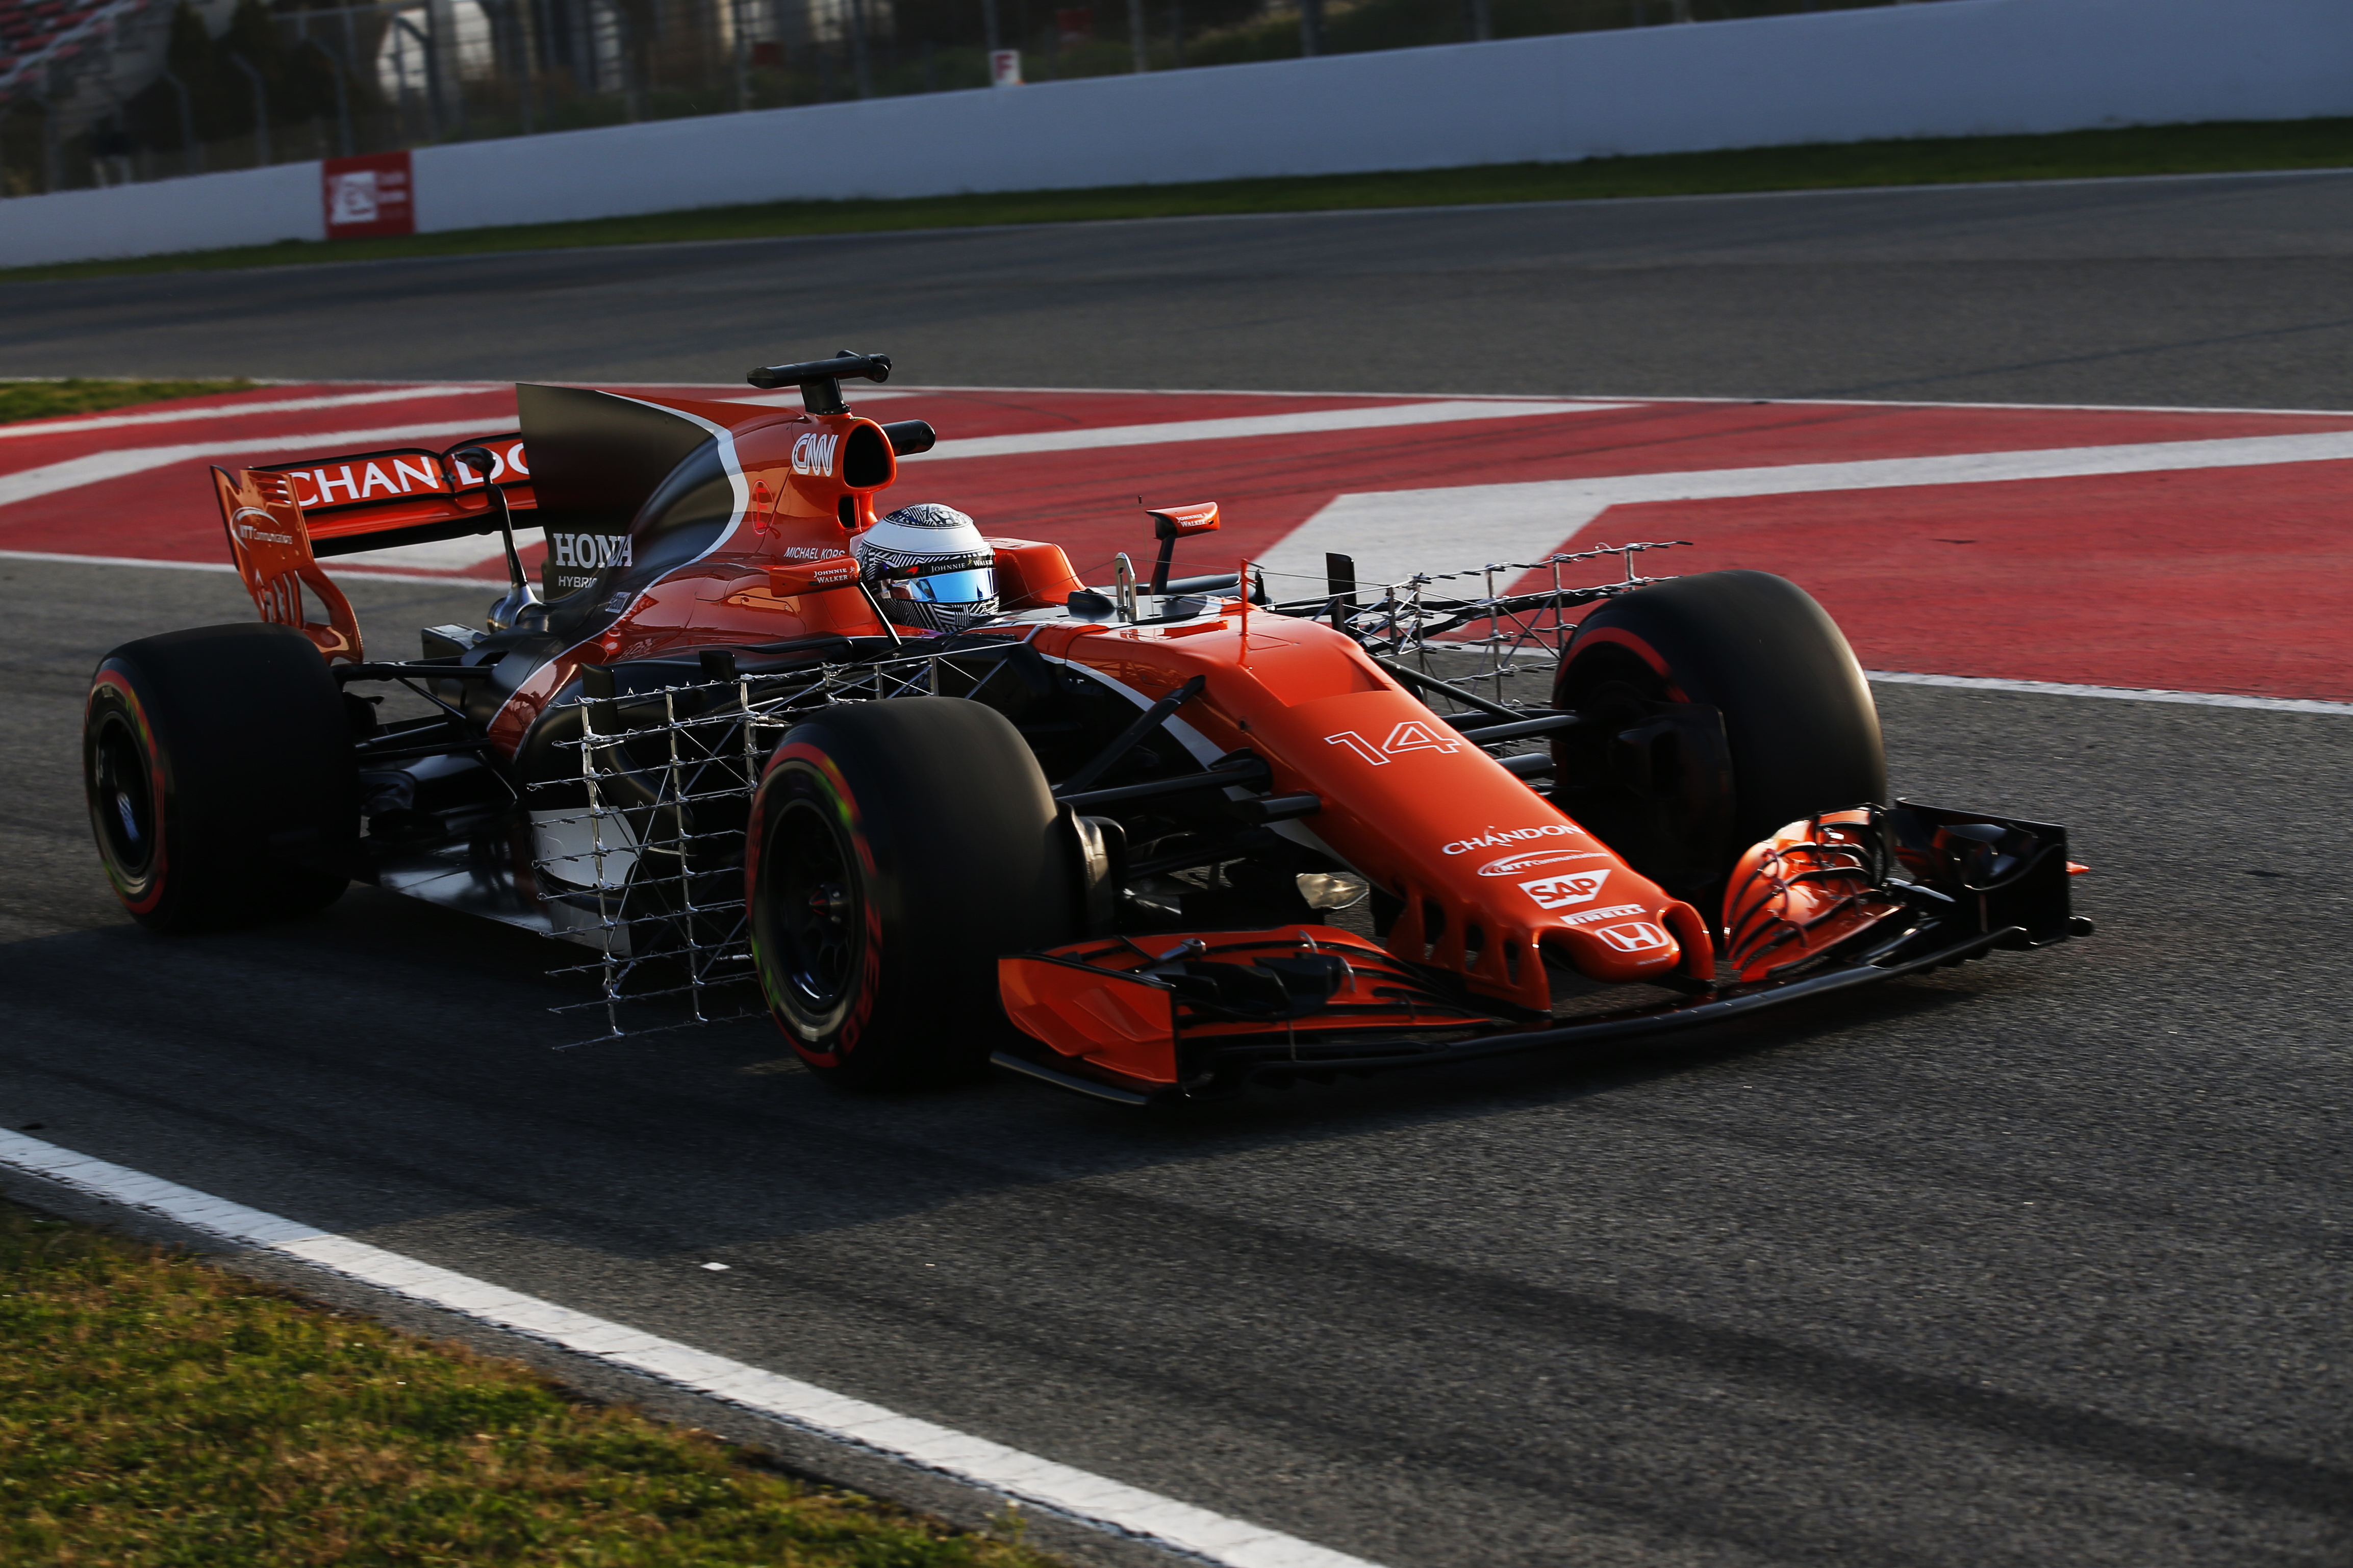 McLaren's MCL 32